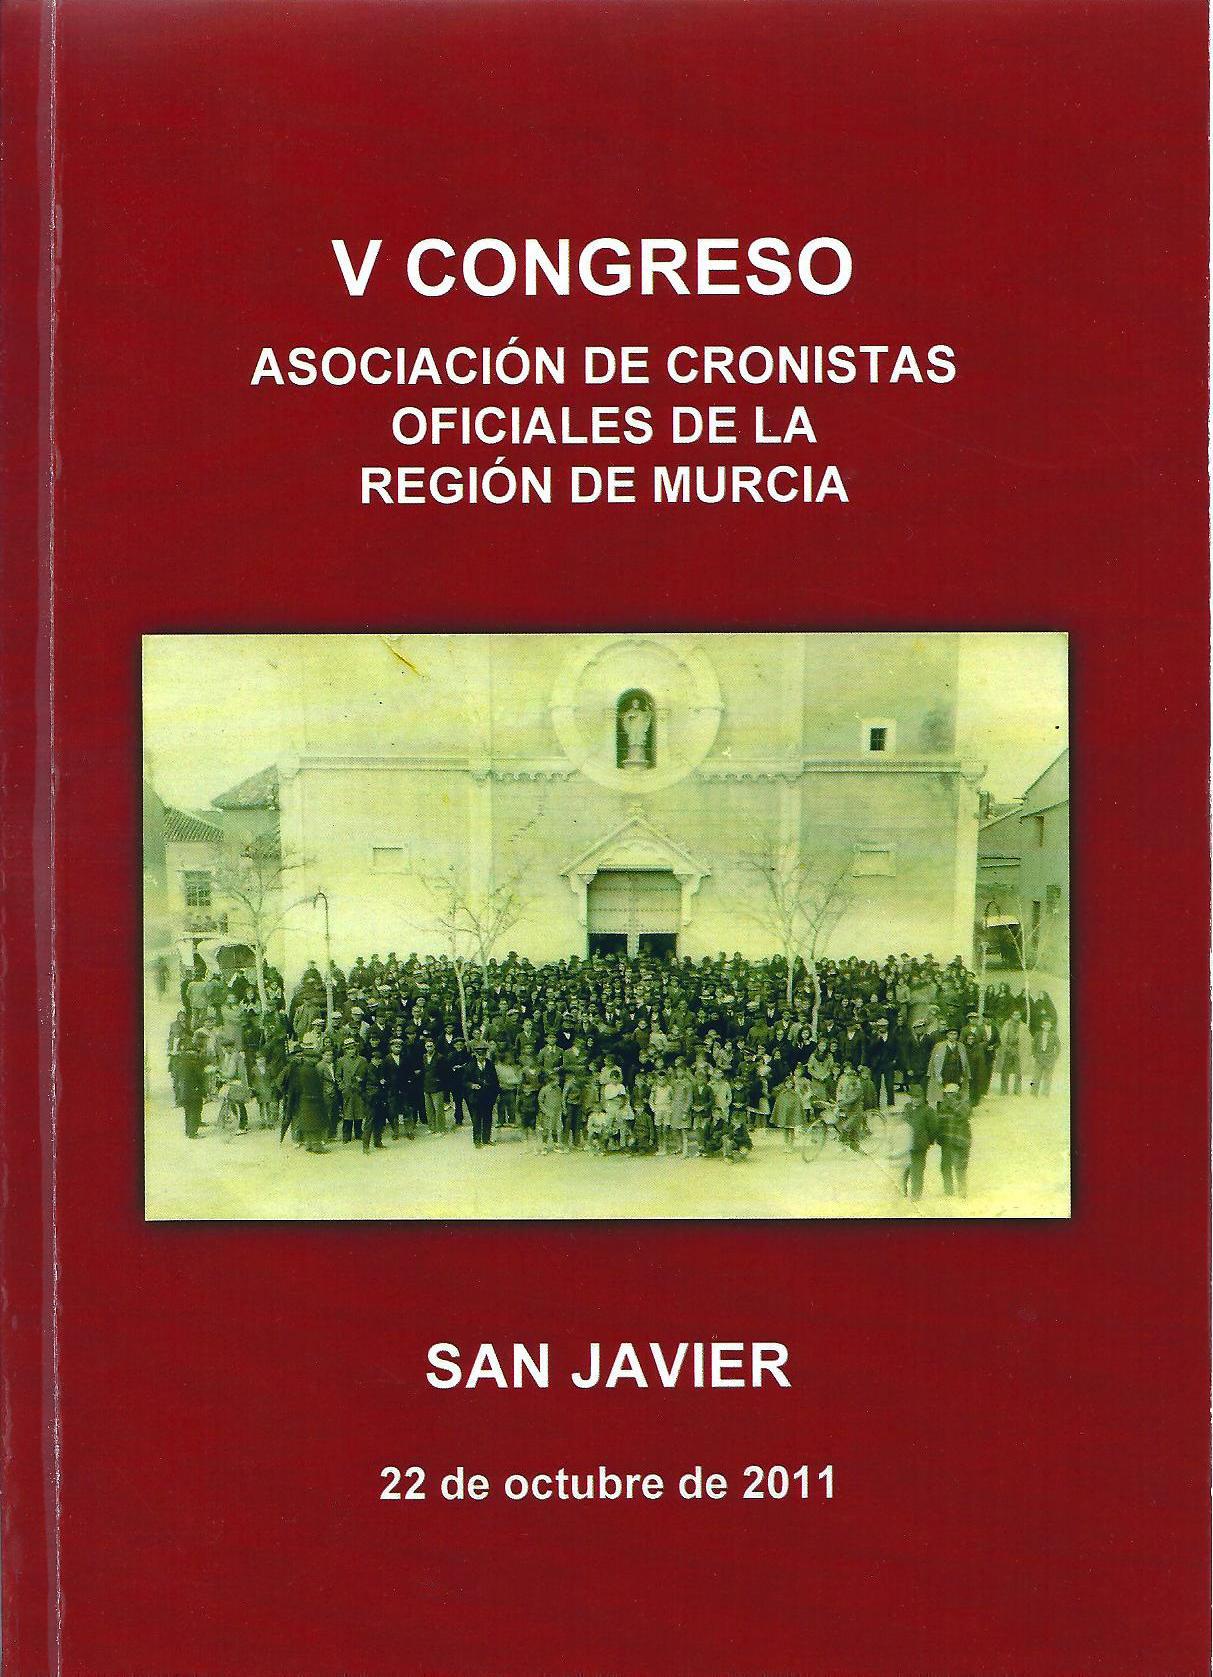 Portada libro Actas V Congreso